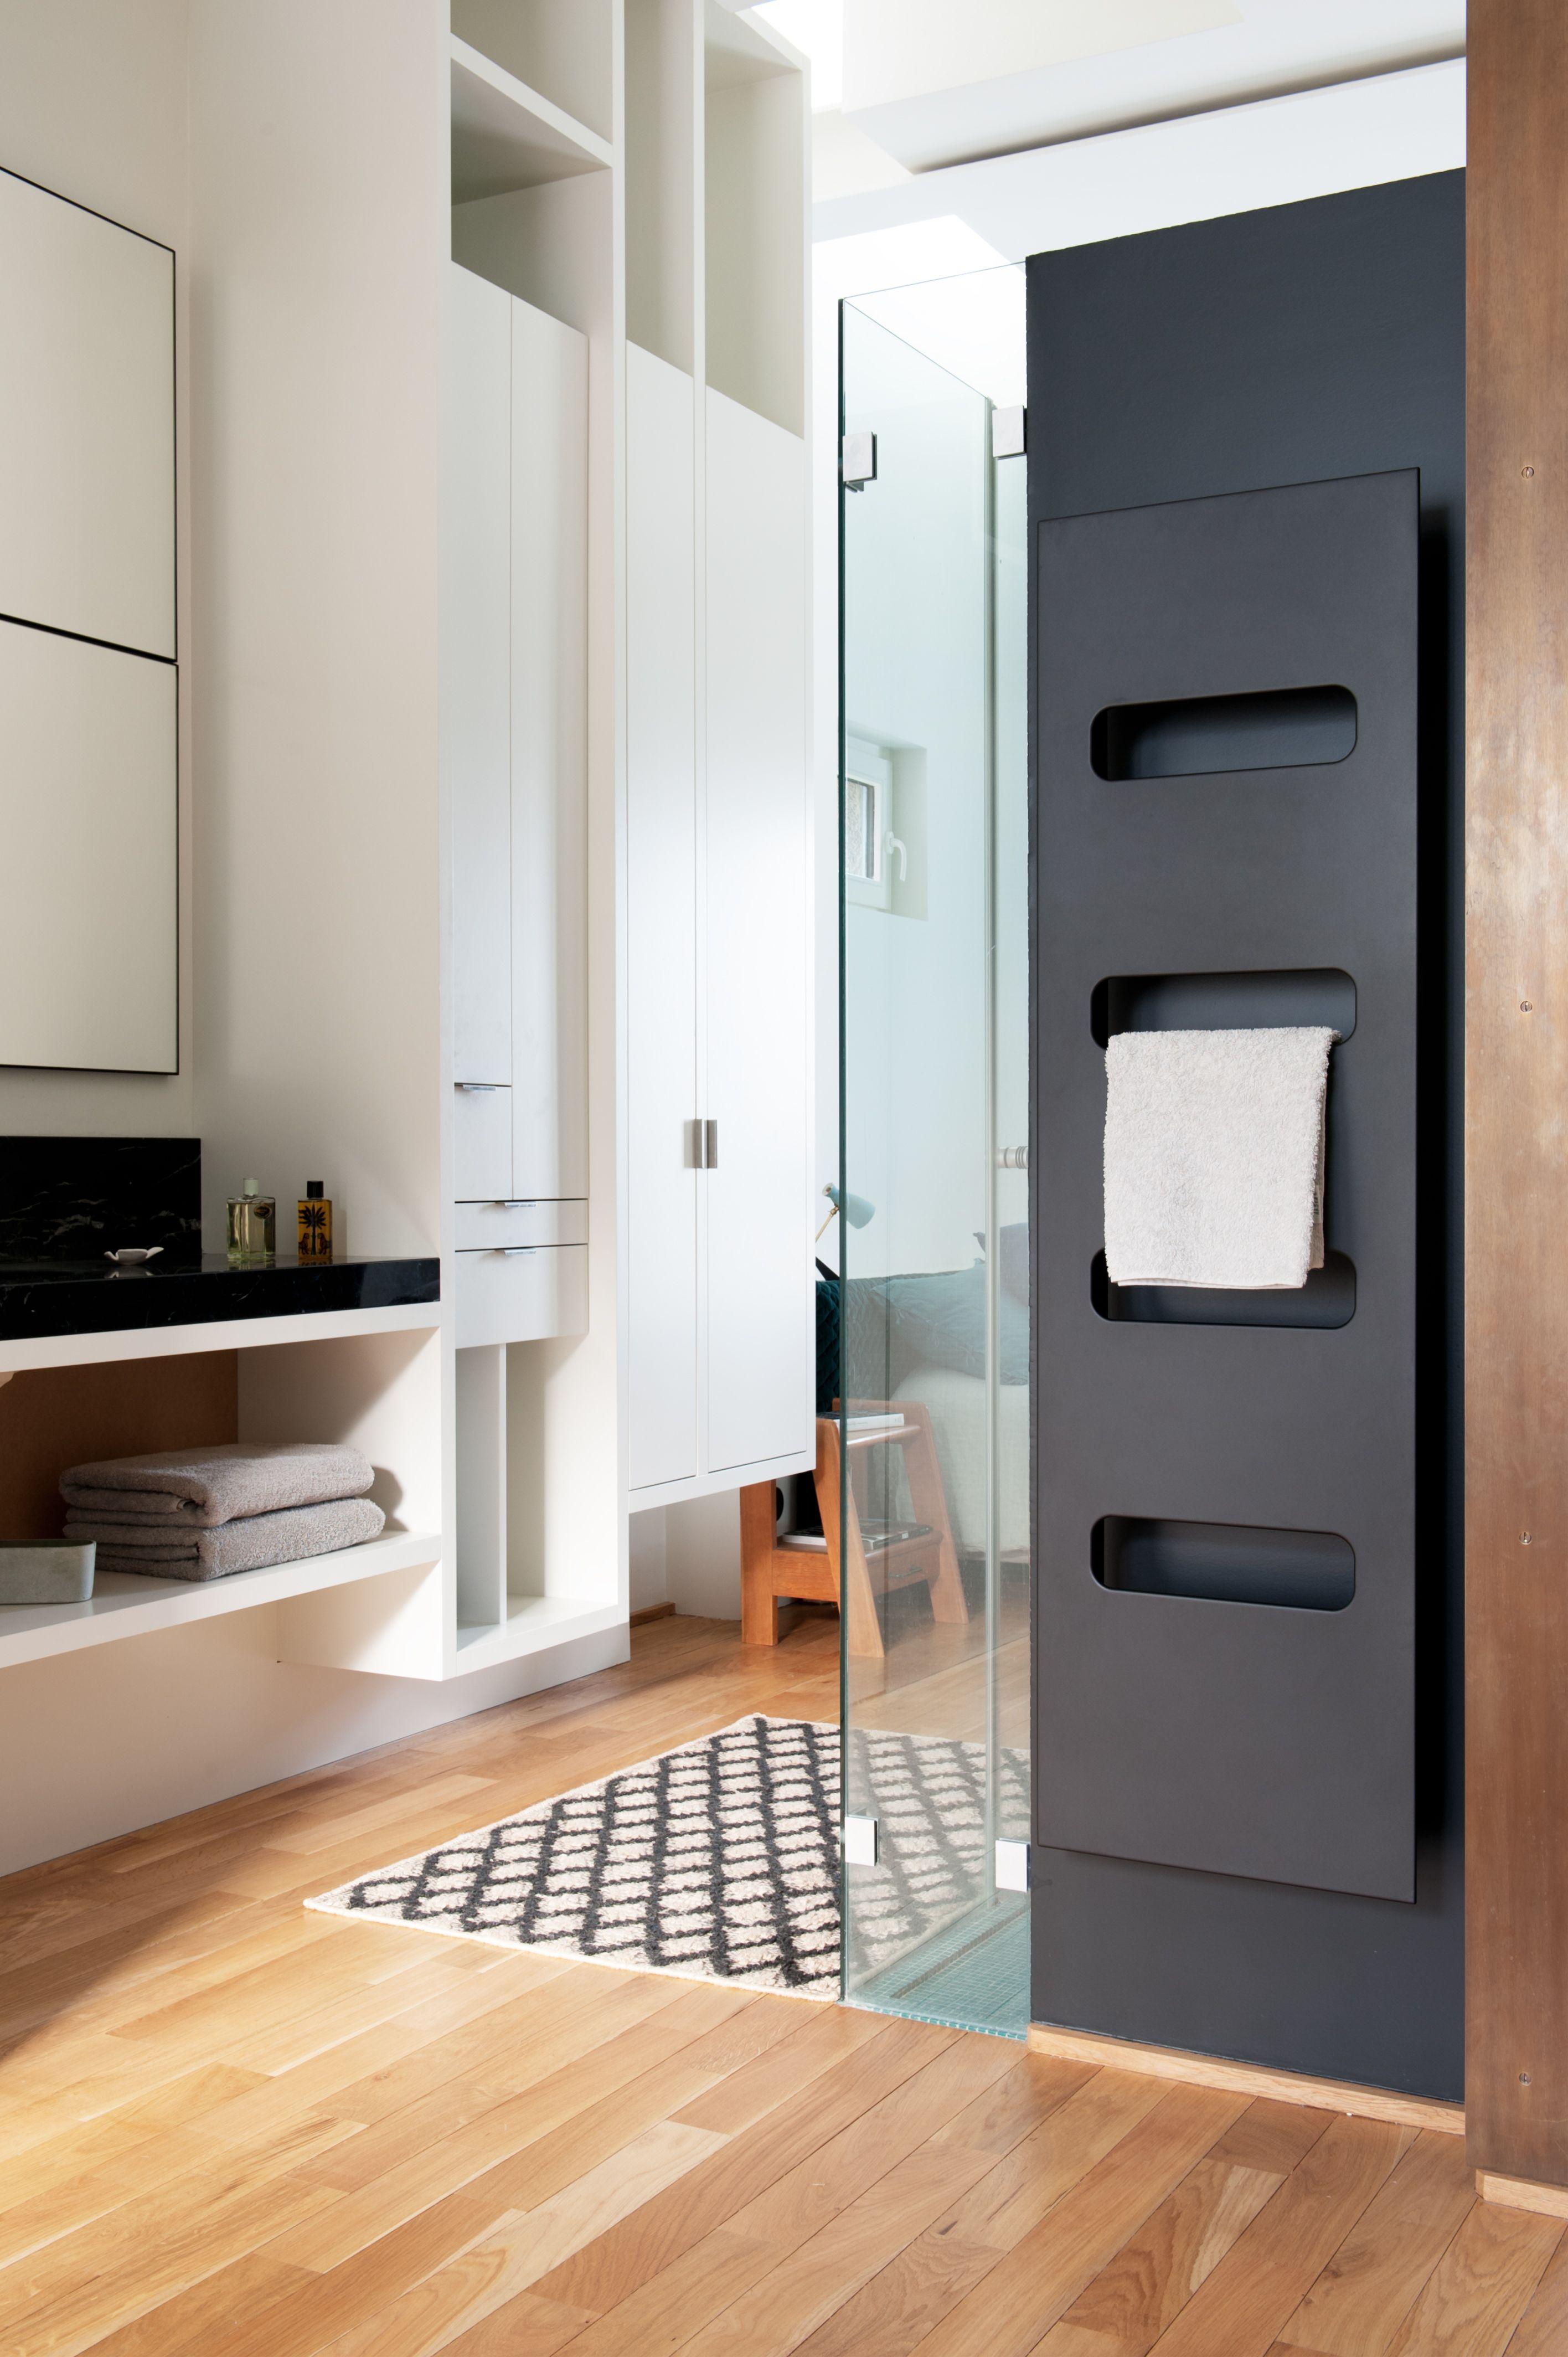 Radiateur Salle De Bain ~ radiateur s che serviettes campastyle elite design en acier noir